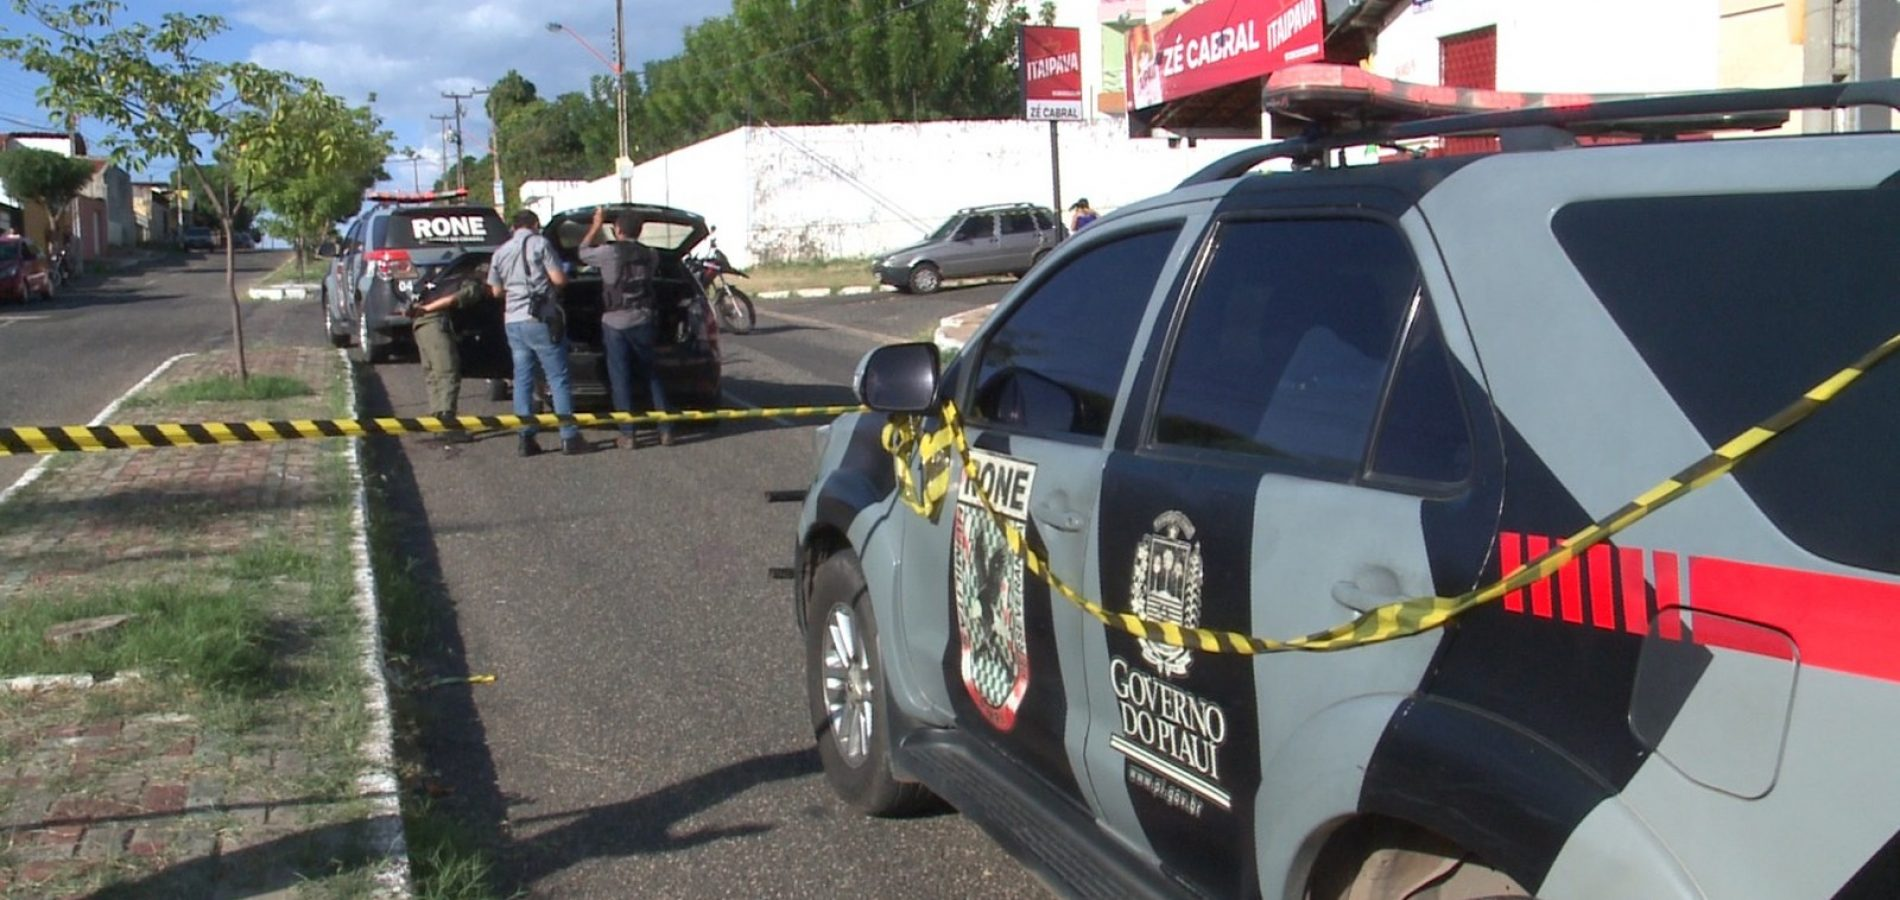 Perseguição policial termina com um assaltante morto, três presos e um ciclista atropelado no PI